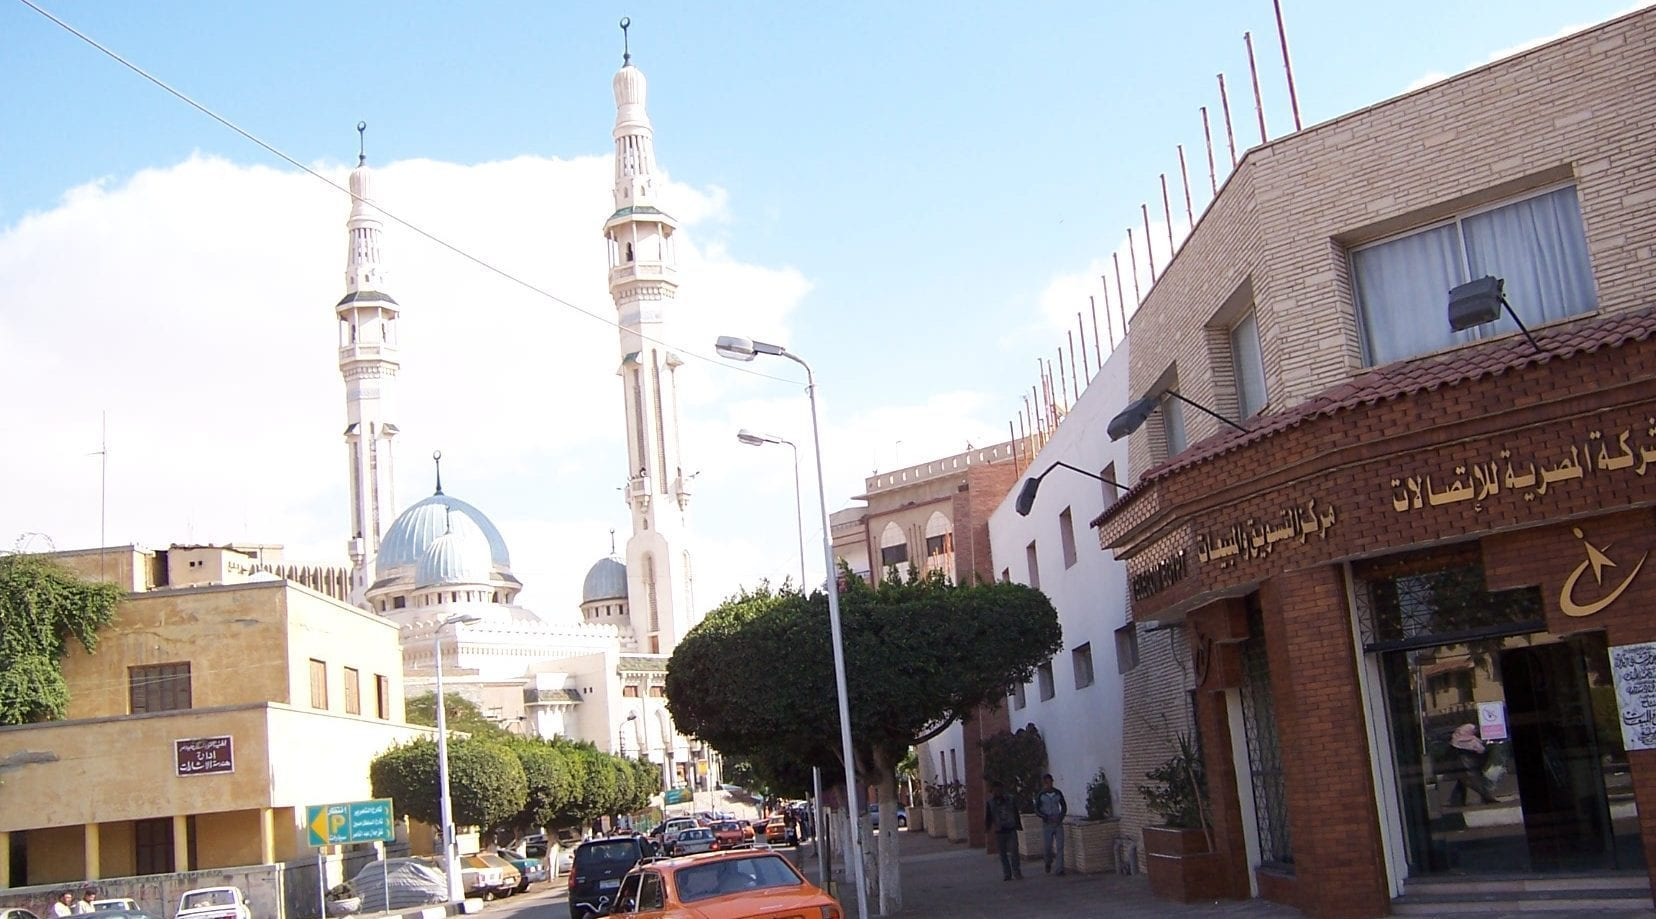 محافظة الإسماعيلية في مصر